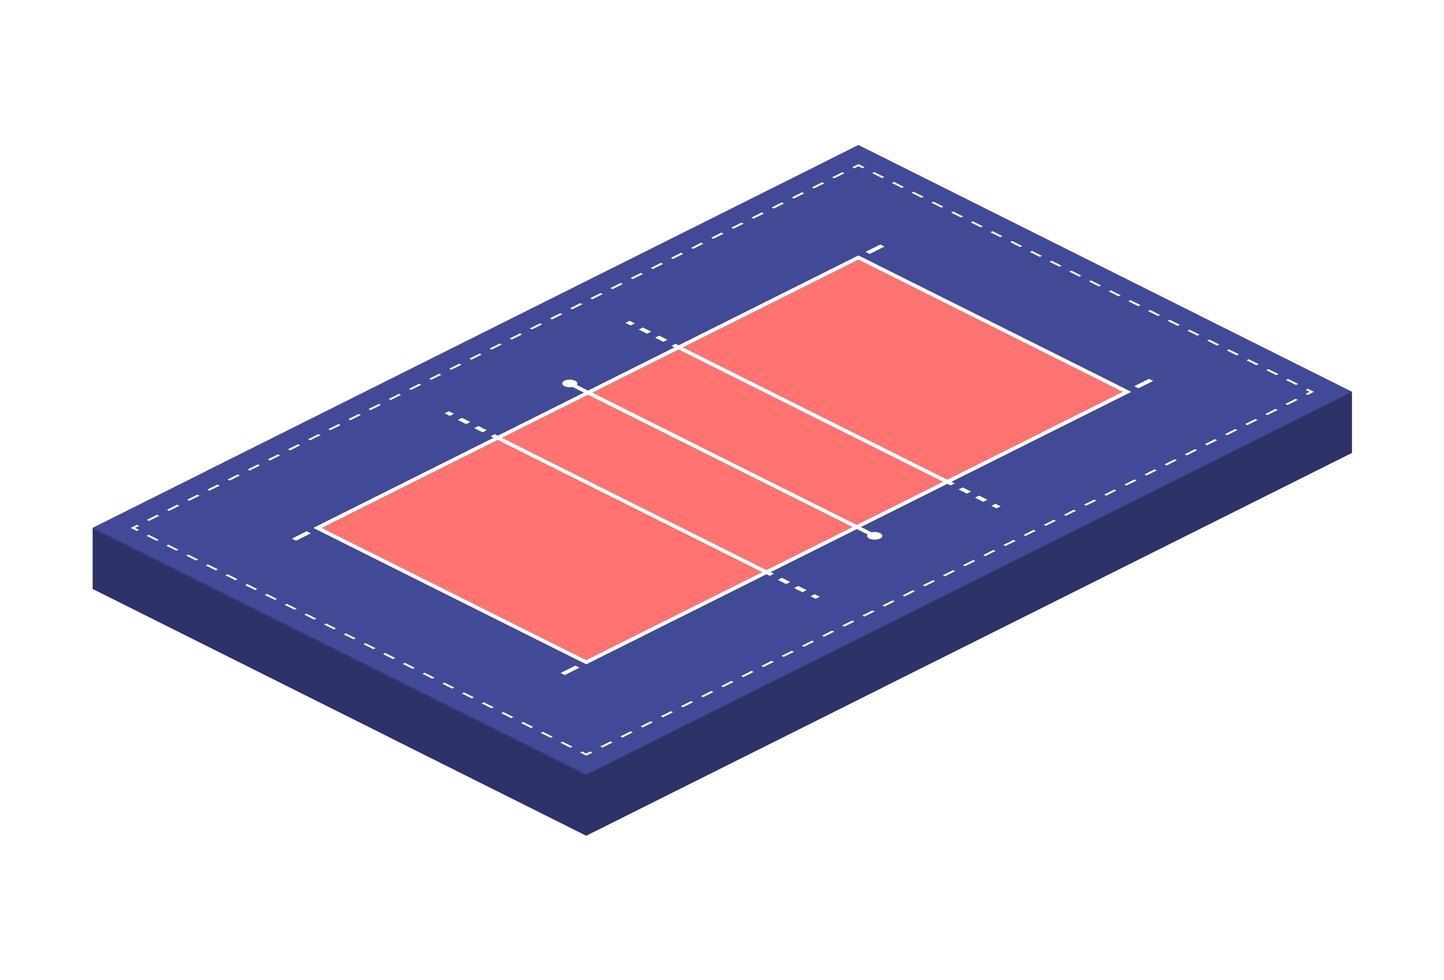 campo ou arena de quadra para jogar vôlei em isométrica, ilustração vetorial vetor